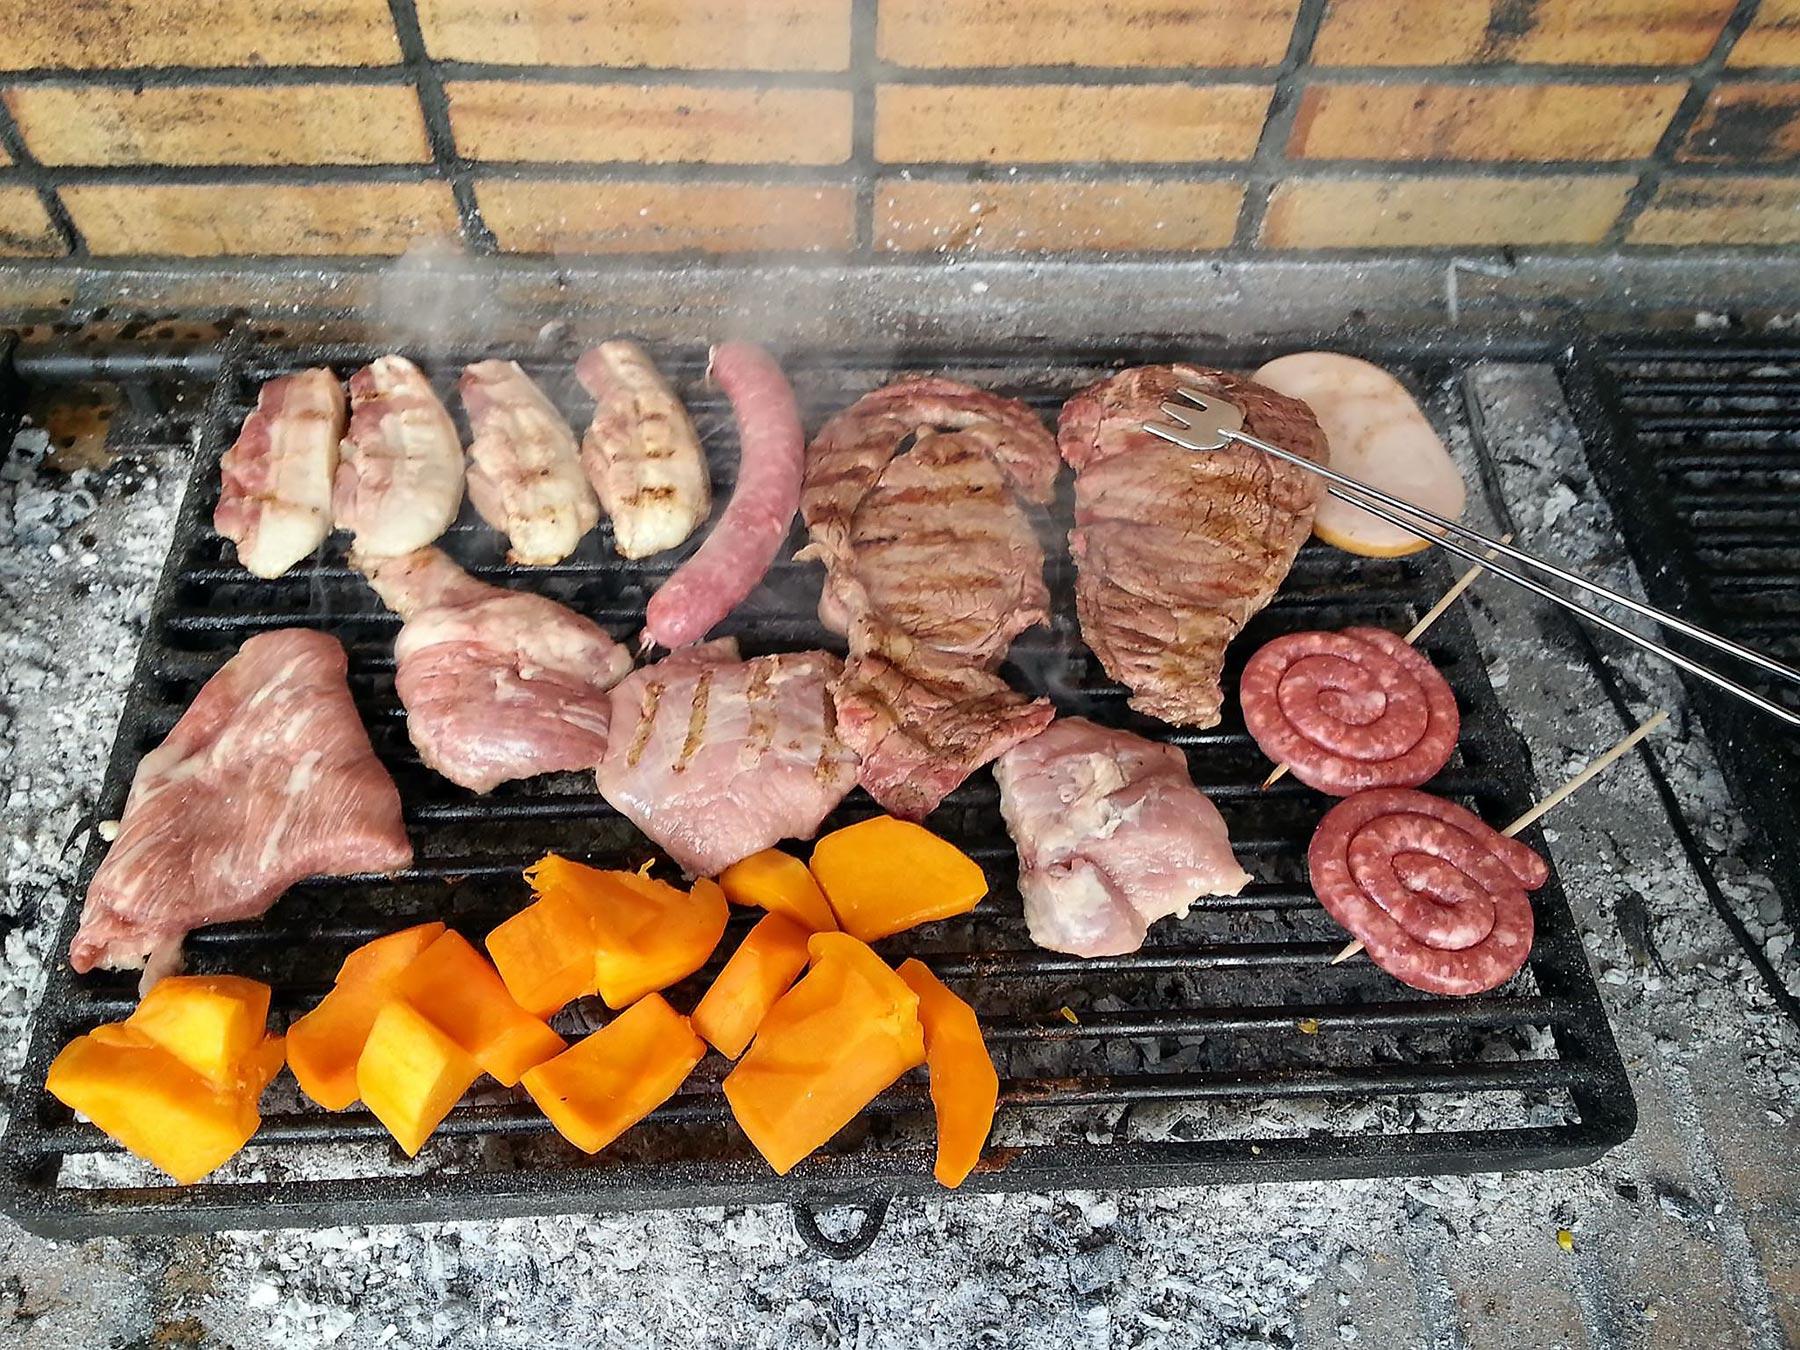 Calçot-menuun kuuluu grillattua lihaa, makkaroita ja vihanneksia. ©Anna Ruohonen